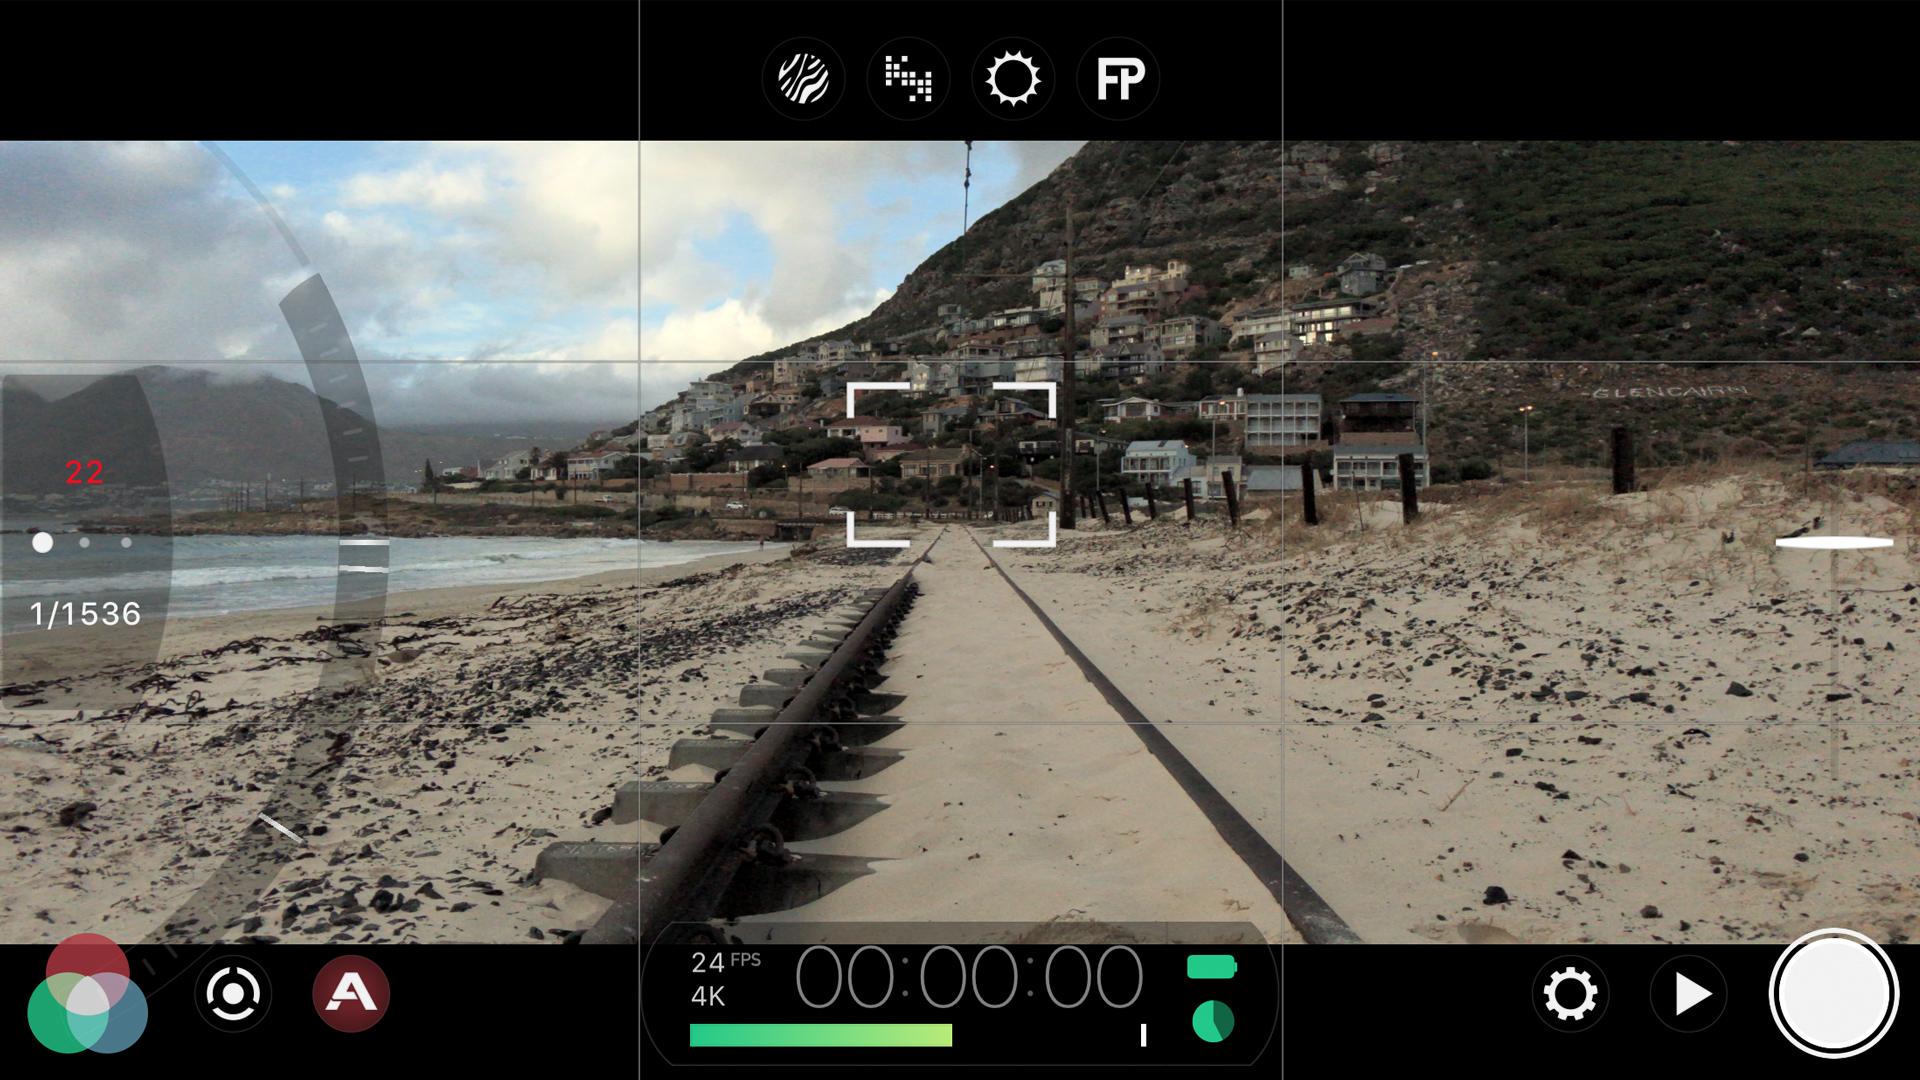 Consejos de video para smartphones - La cámara no es lo más importante